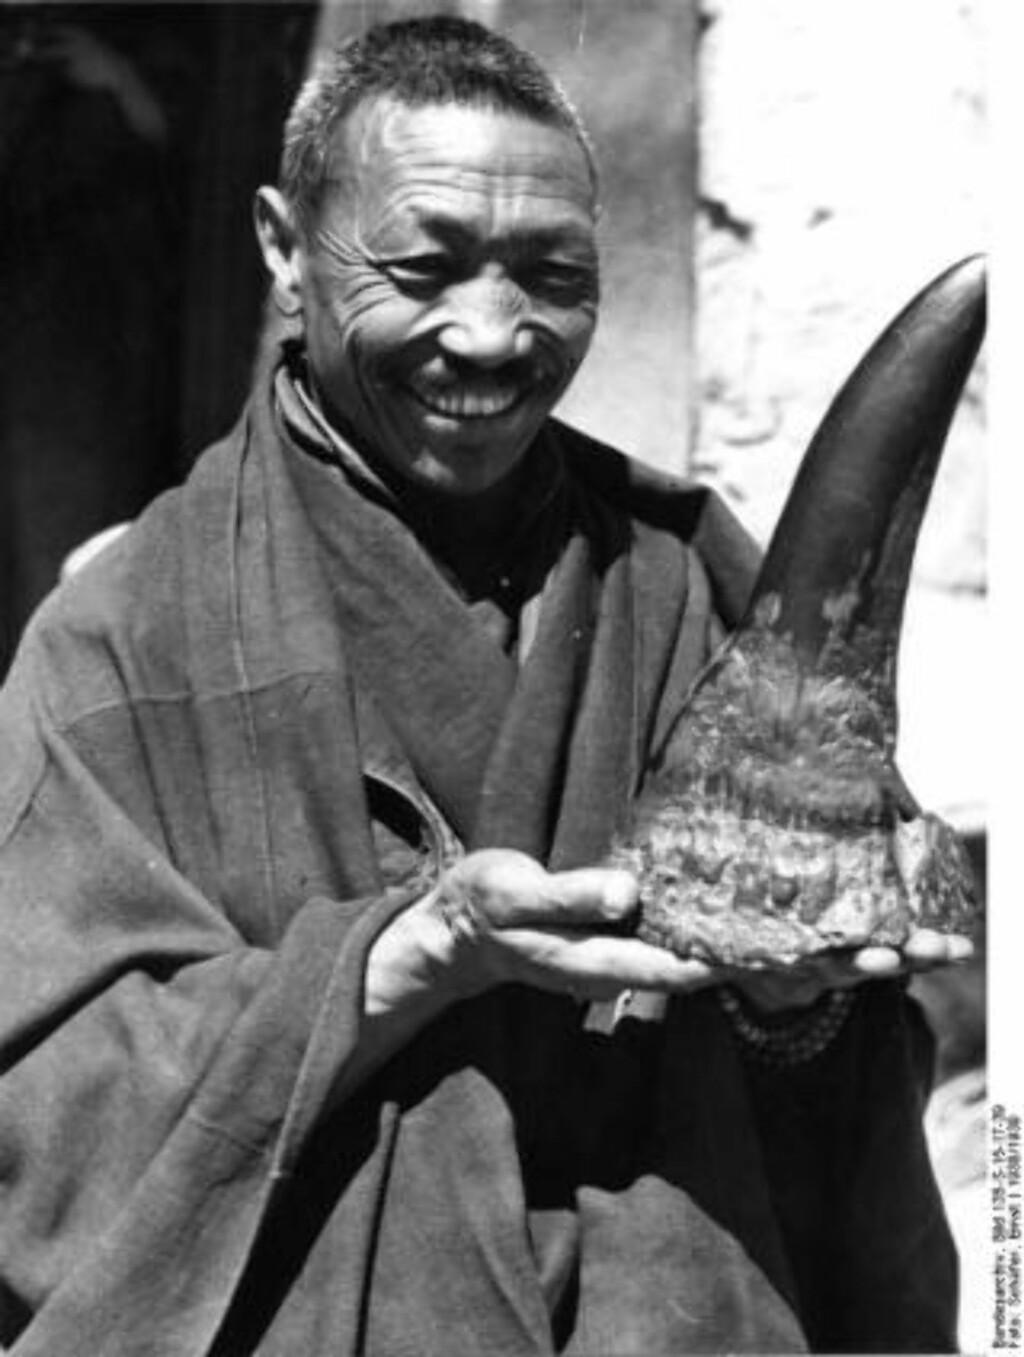 HØYT ANSETT: En tibetansk munk med et neshorn-horn, som er svært ettertraktet på de øst-asiatiske markedene. Foto: Ernst Schäfer/Det tyske riksarkiv/Wikicommons